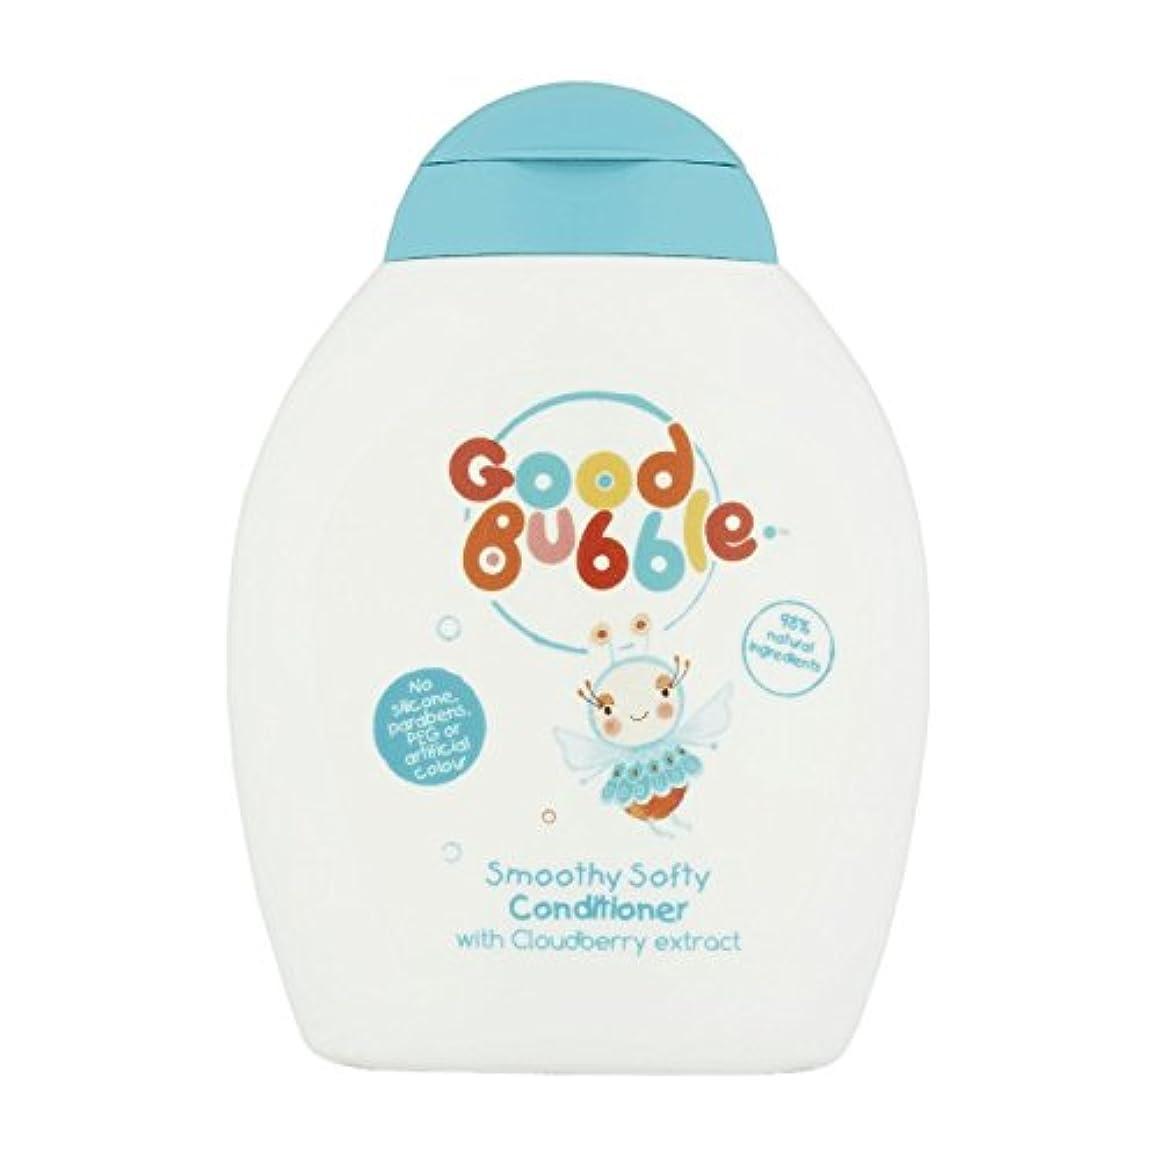 七時半雨のコショウ良いバブルクラウドベリーコンディショナー250ミリリットル - Good Bubble Cloudberry Conditioner 250ml (Good Bubble) [並行輸入品]